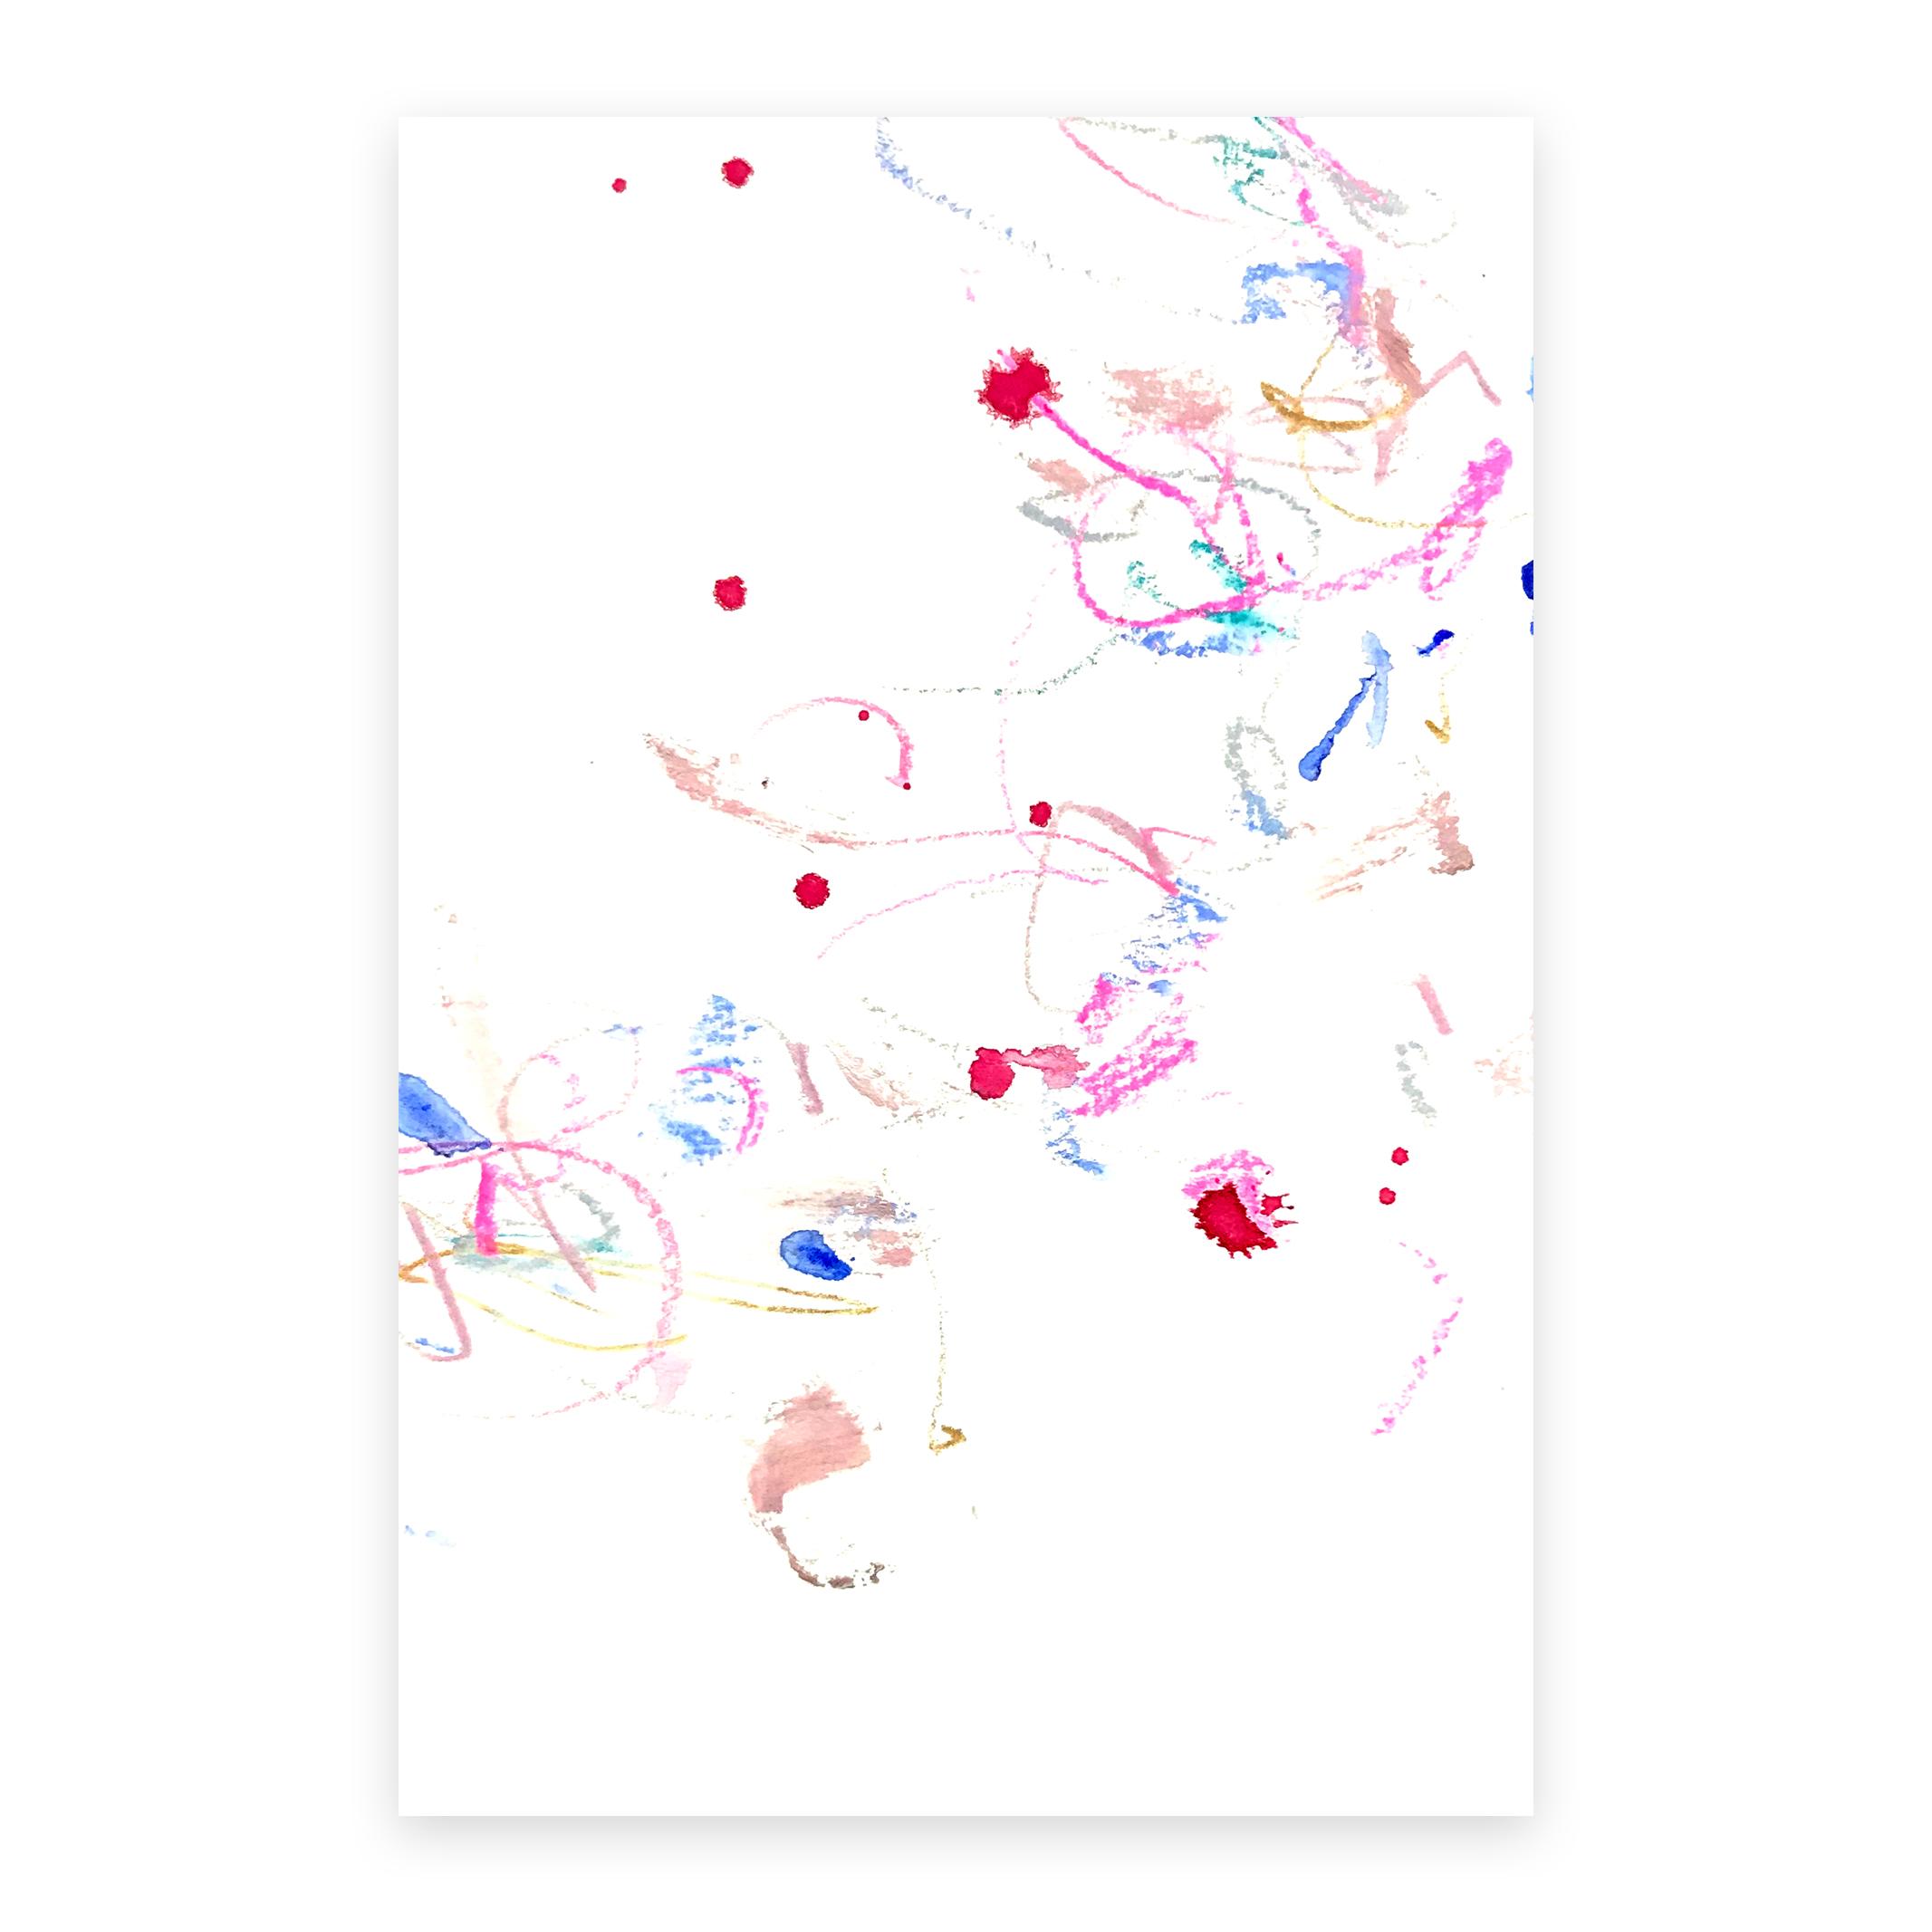 dd_dec08182  Mixed media on paper 14.8×10cm